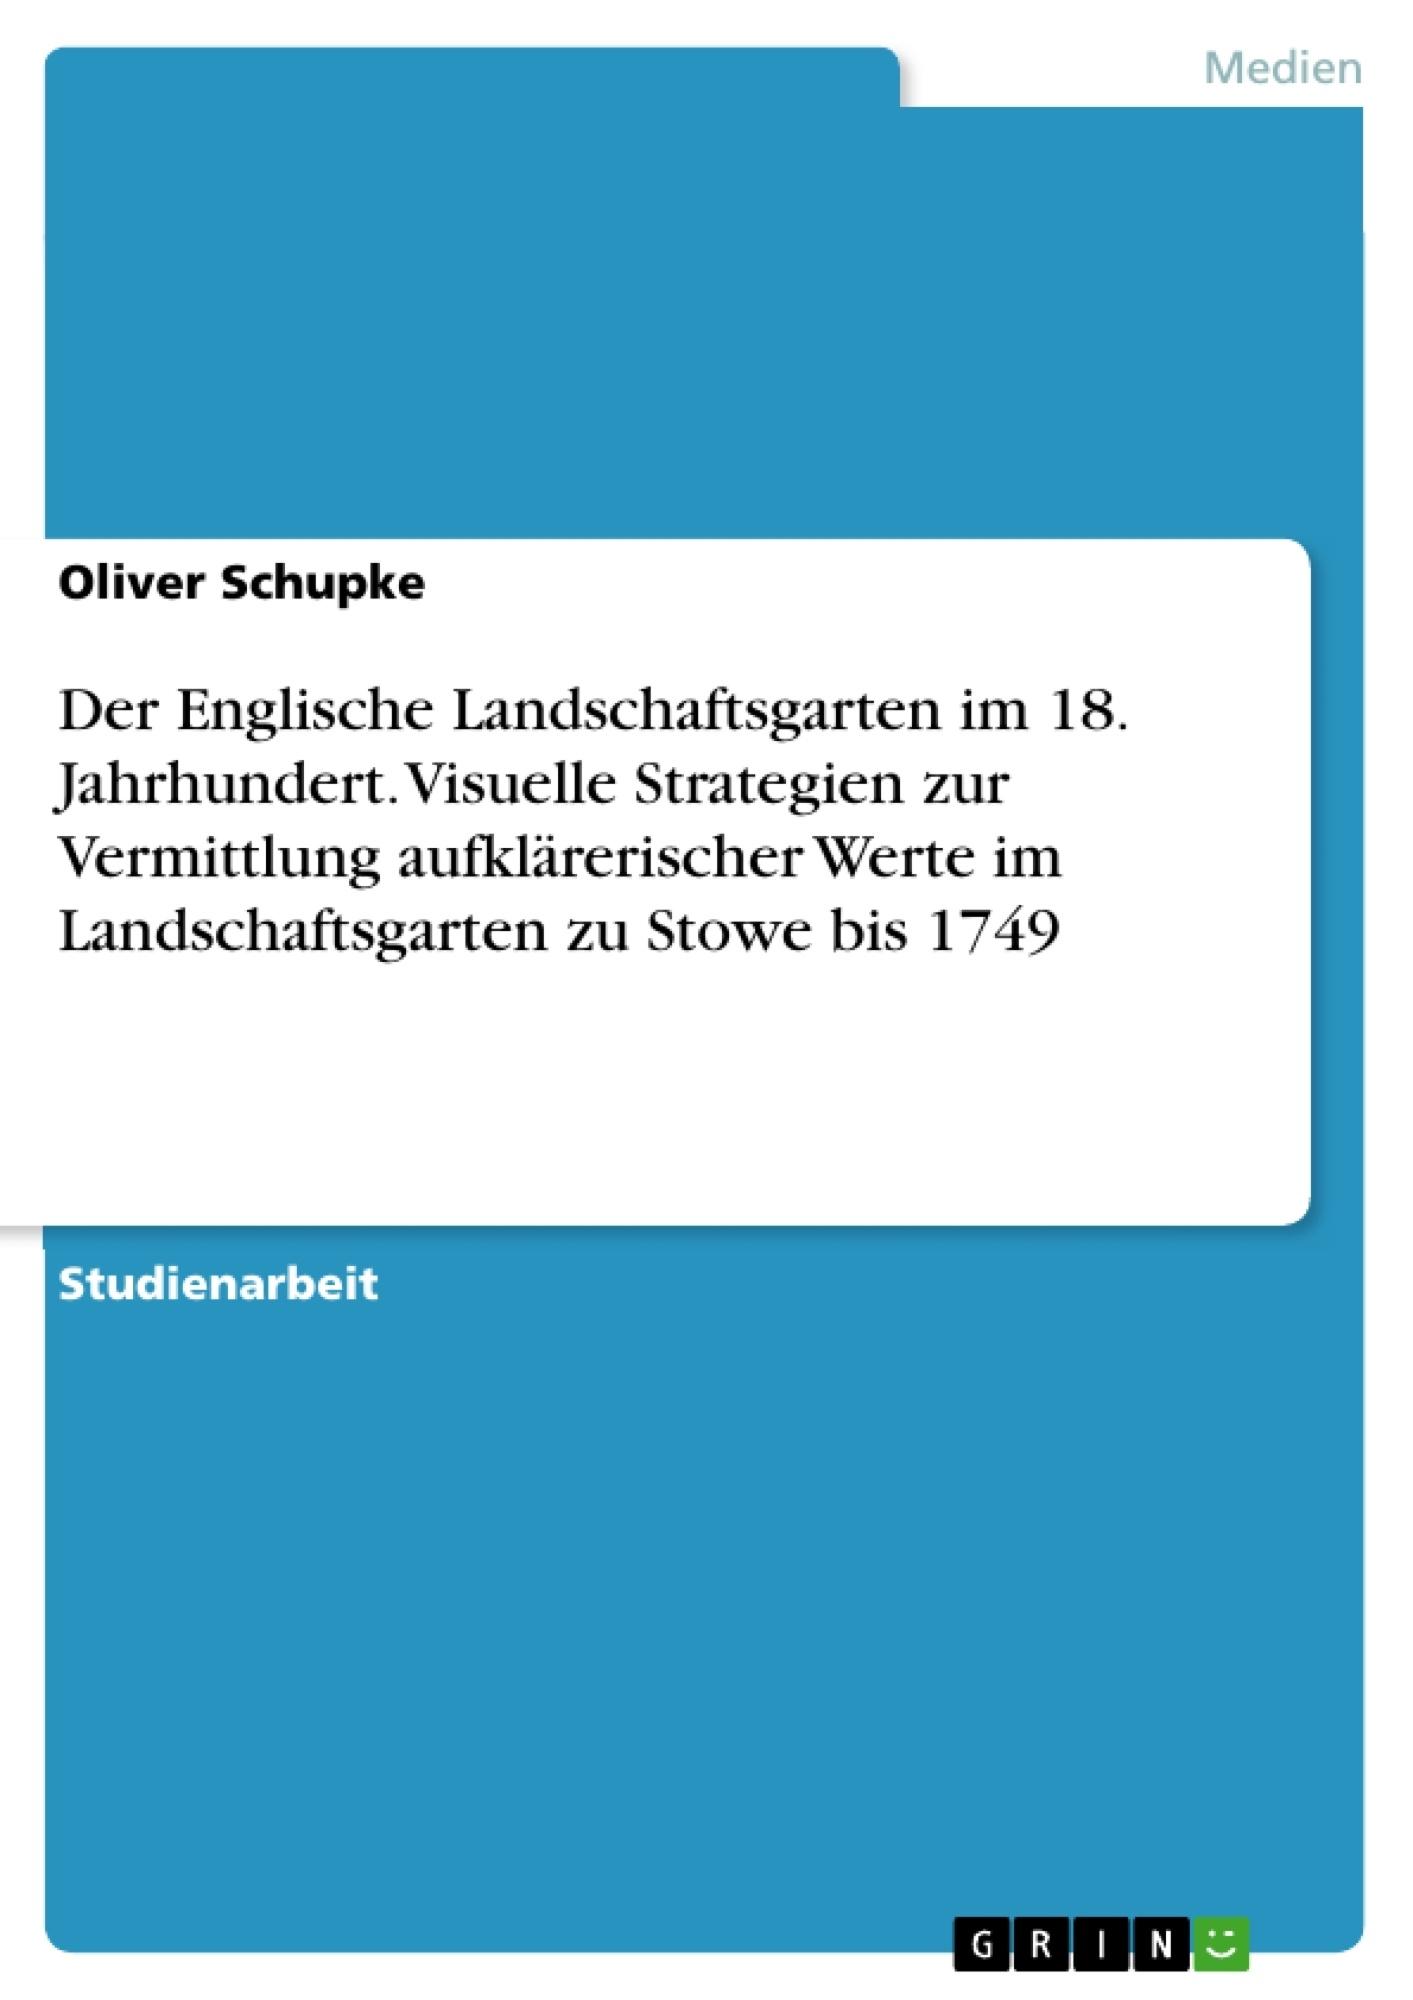 Titel: Der Englische Landschaftsgarten im 18. Jahrhundert. Visuelle Strategien zur Vermittlung aufklärerischer Werte im Landschaftsgarten zu Stowe bis 1749